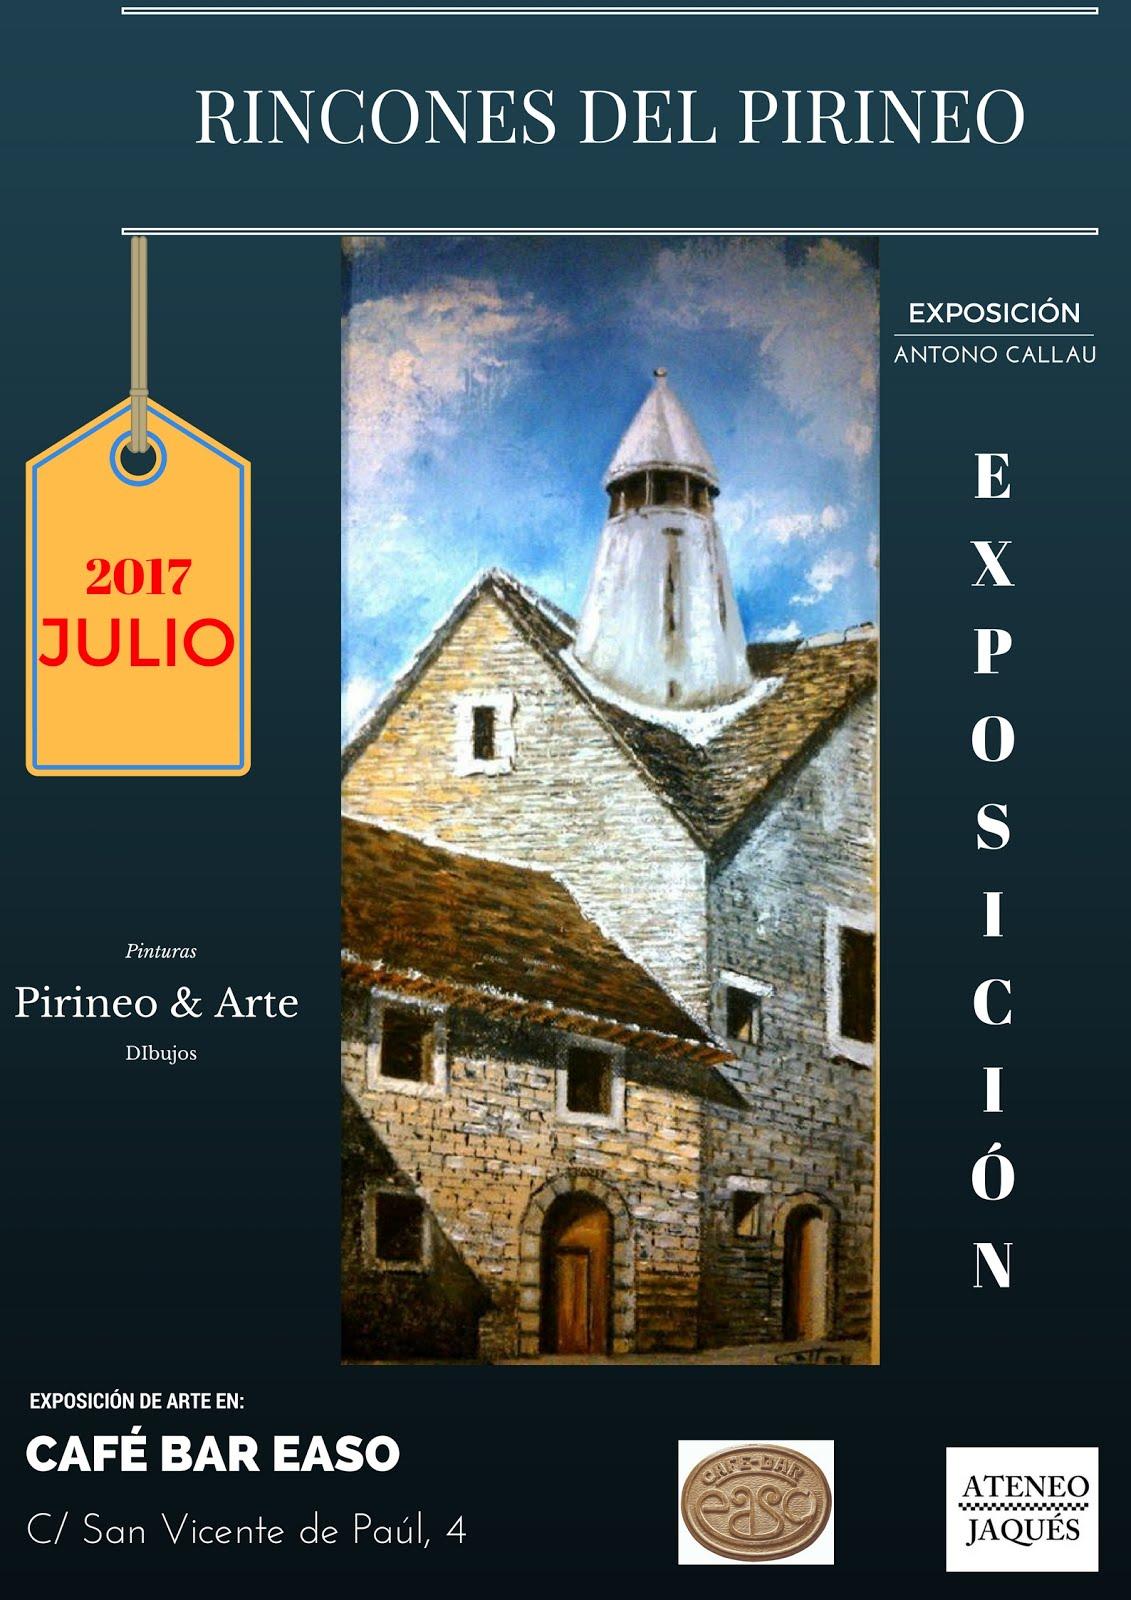 """EXPOSICIÓN: """"RINCONES DEL PIRINEO"""" (ANTONIO CALLAU)"""